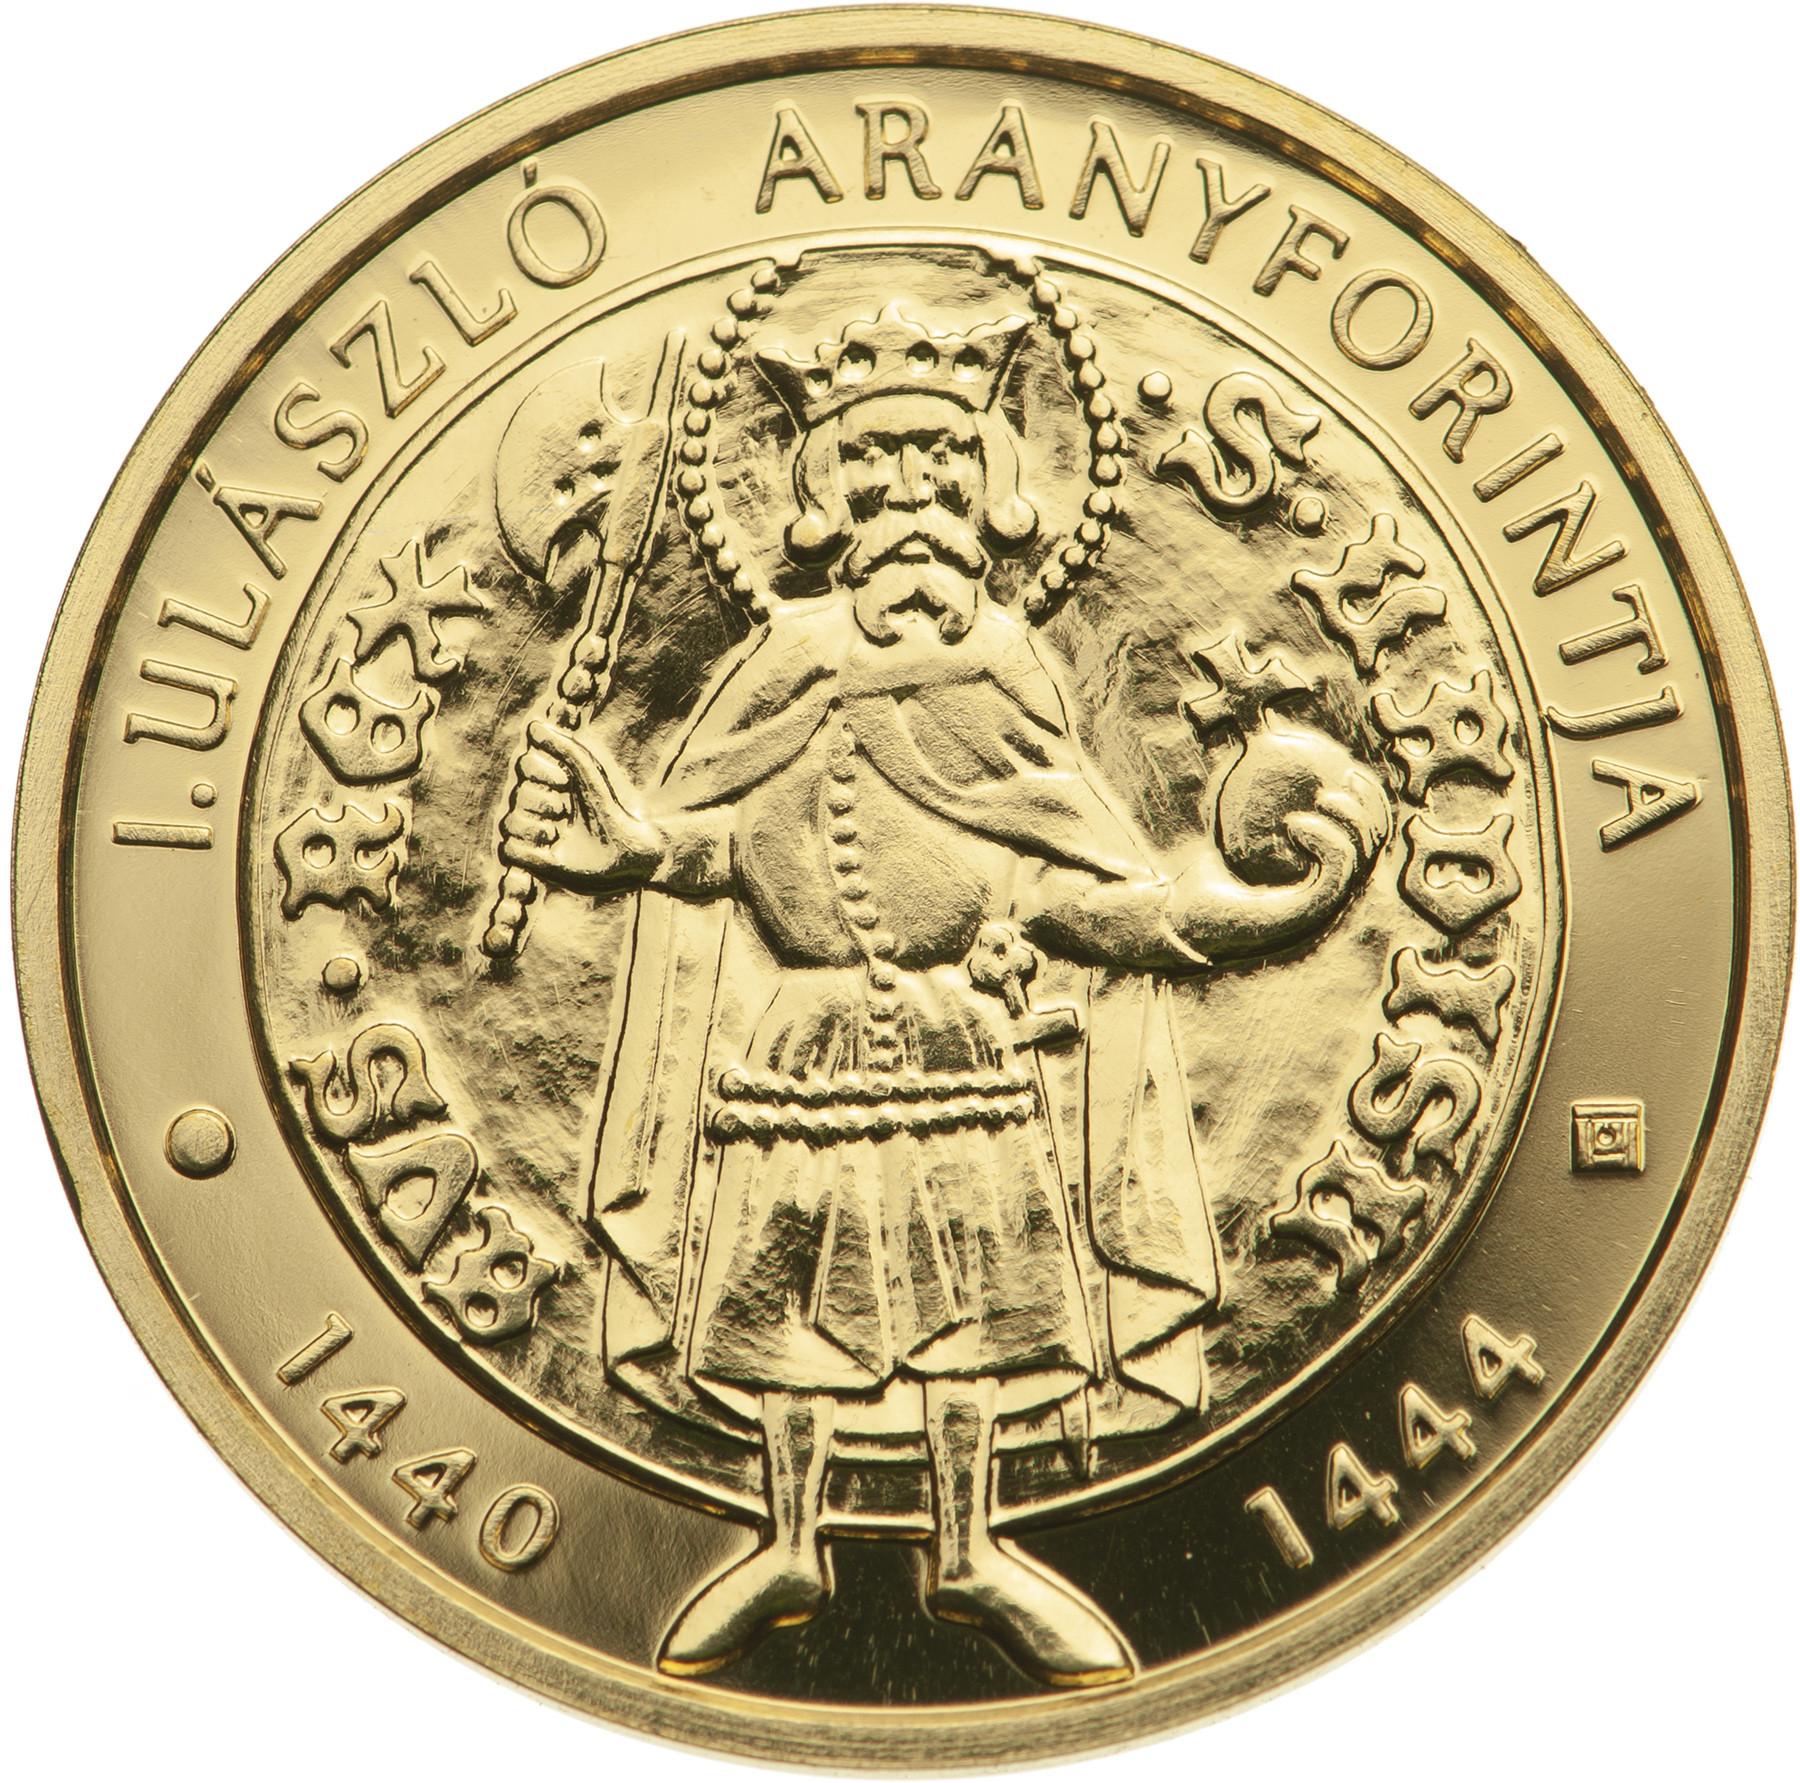 Az emlékérme előlapjának fő motívumaként, kissé aszimmetrikusan elhelyezve, I. Ulászló aranypénzein szereplő négyrészű címer jelenik meg